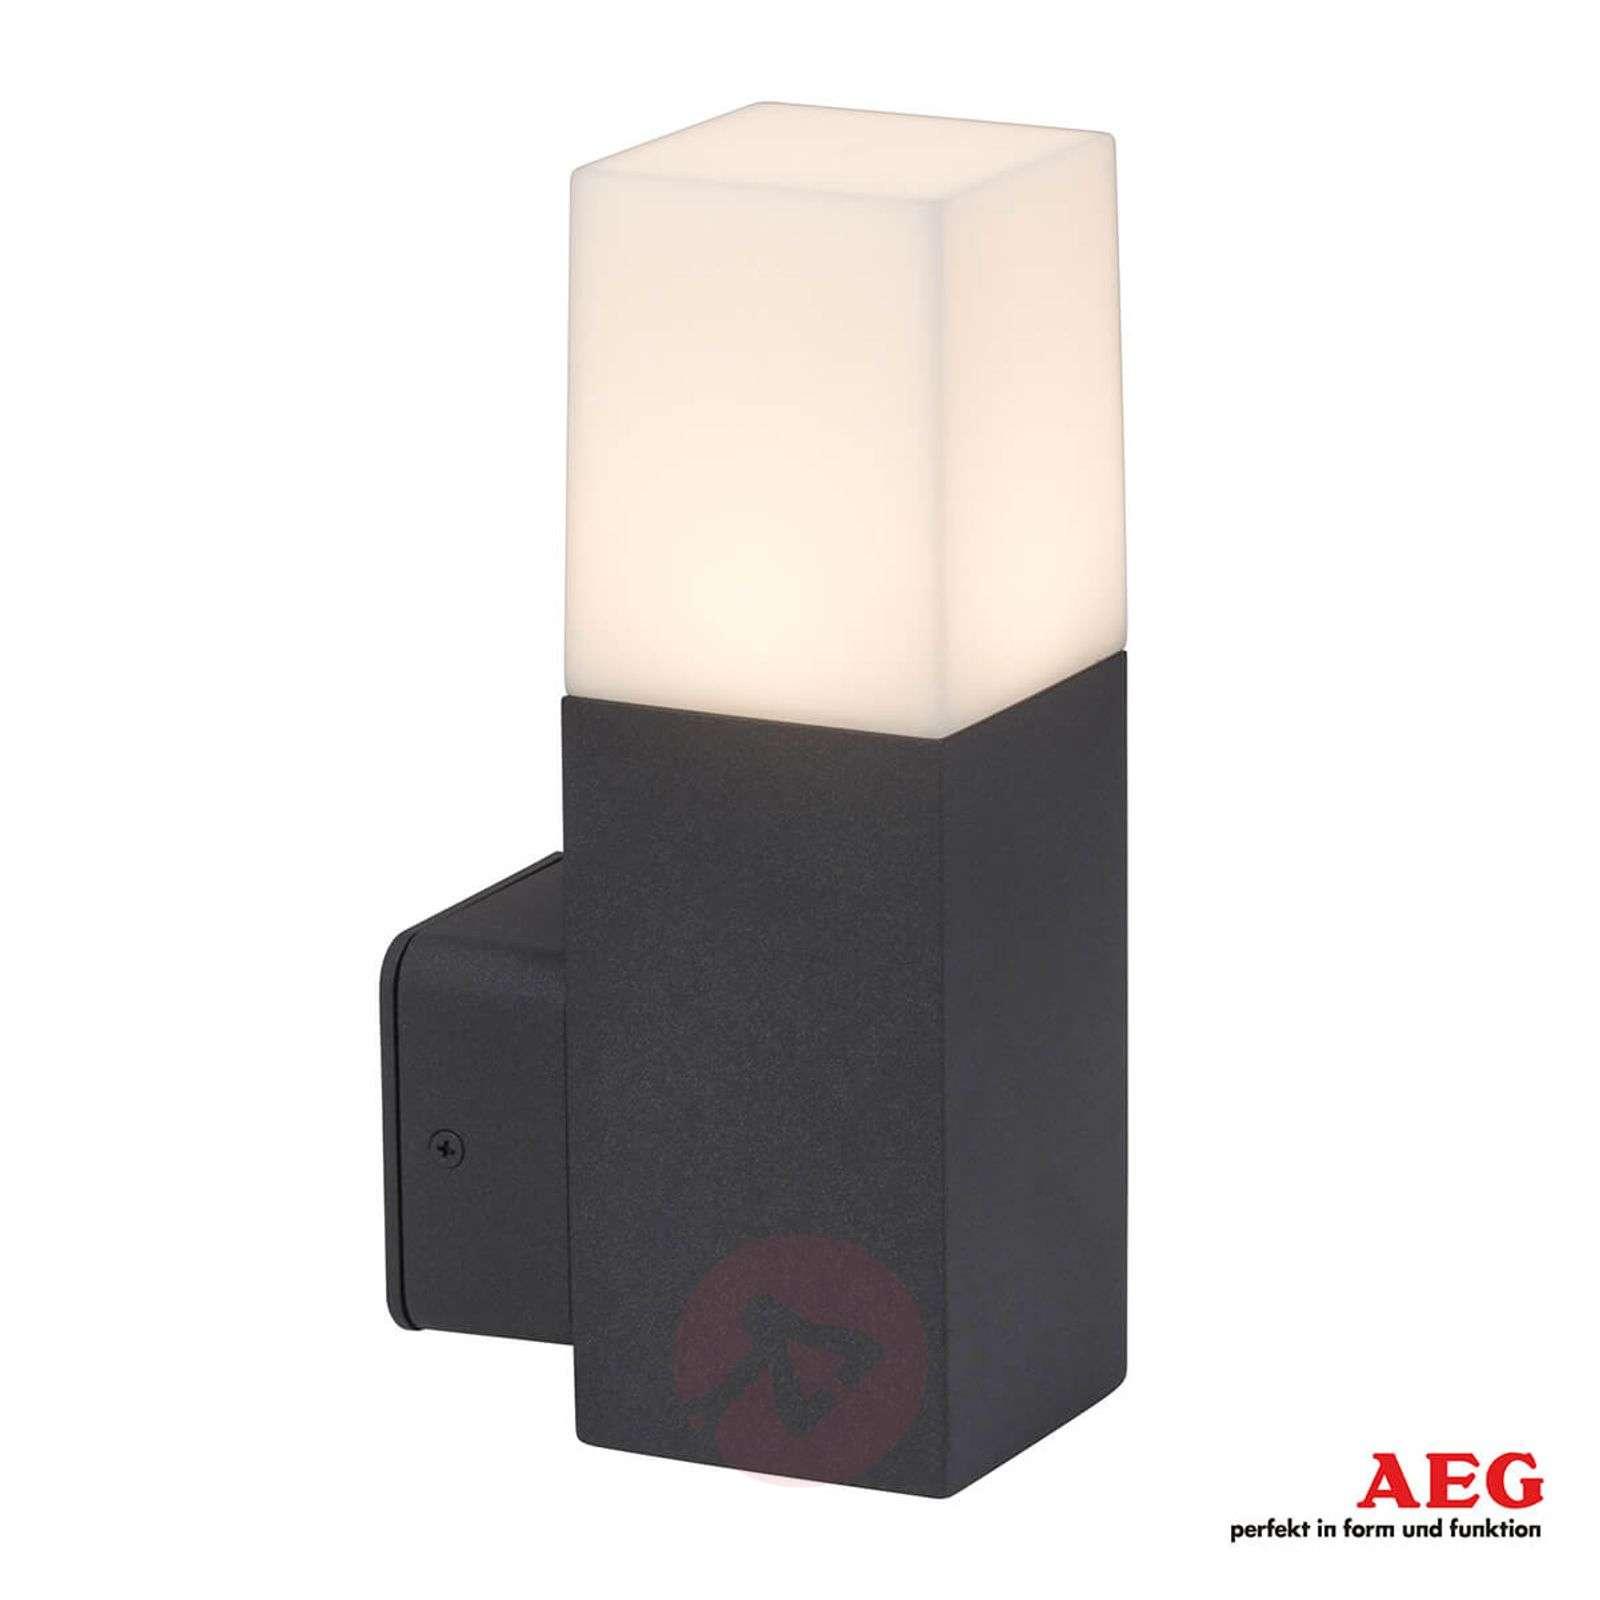 Kulmikas LED-ulkoseinälamppu Leguro-3057131-01